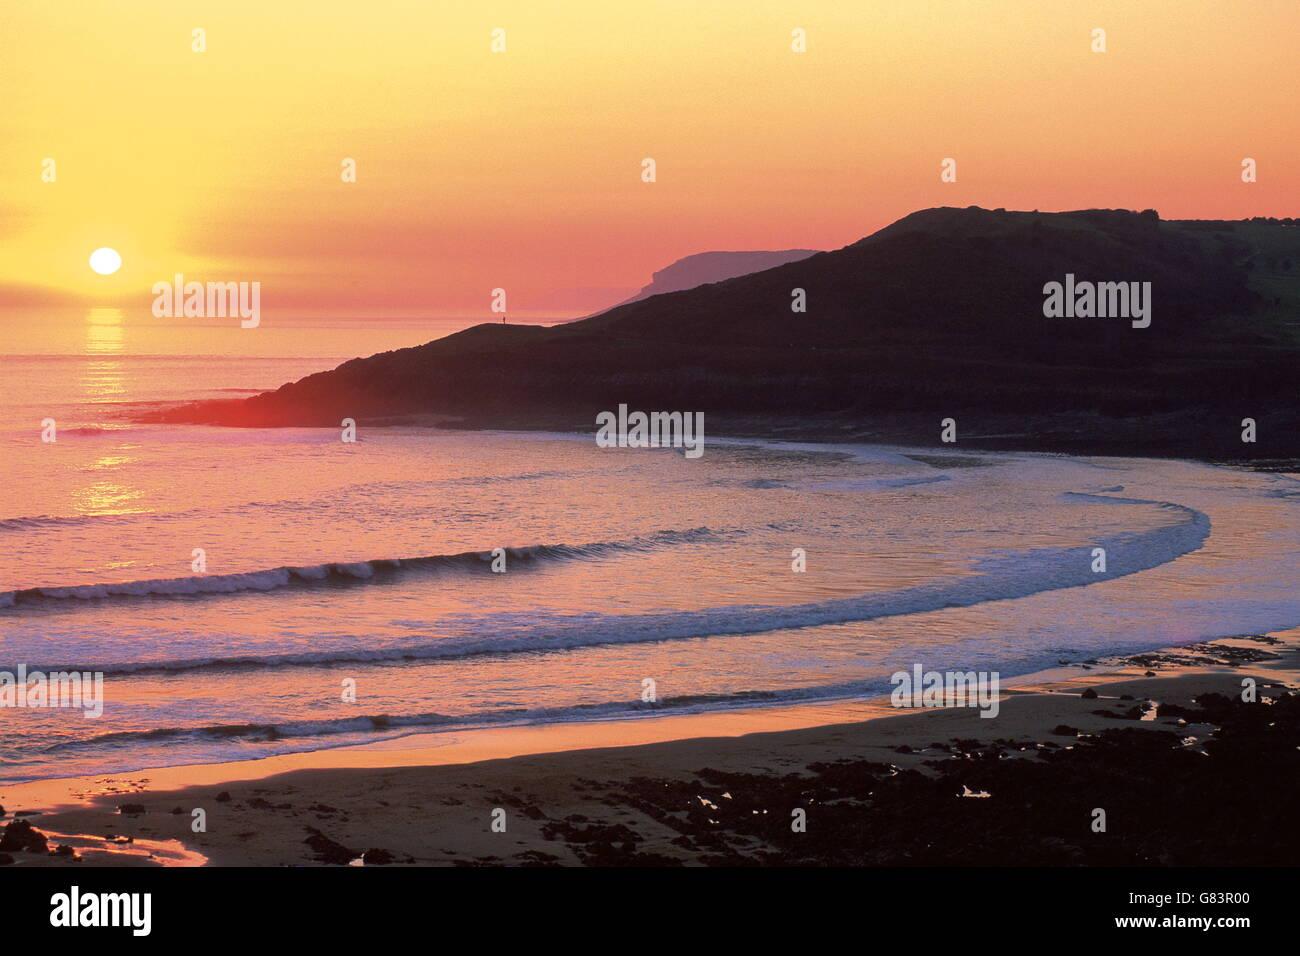 Classic arancione tramonto sulla spiaggia .curva onde nella baia sotto al riparo da promontori. Immagini Stock